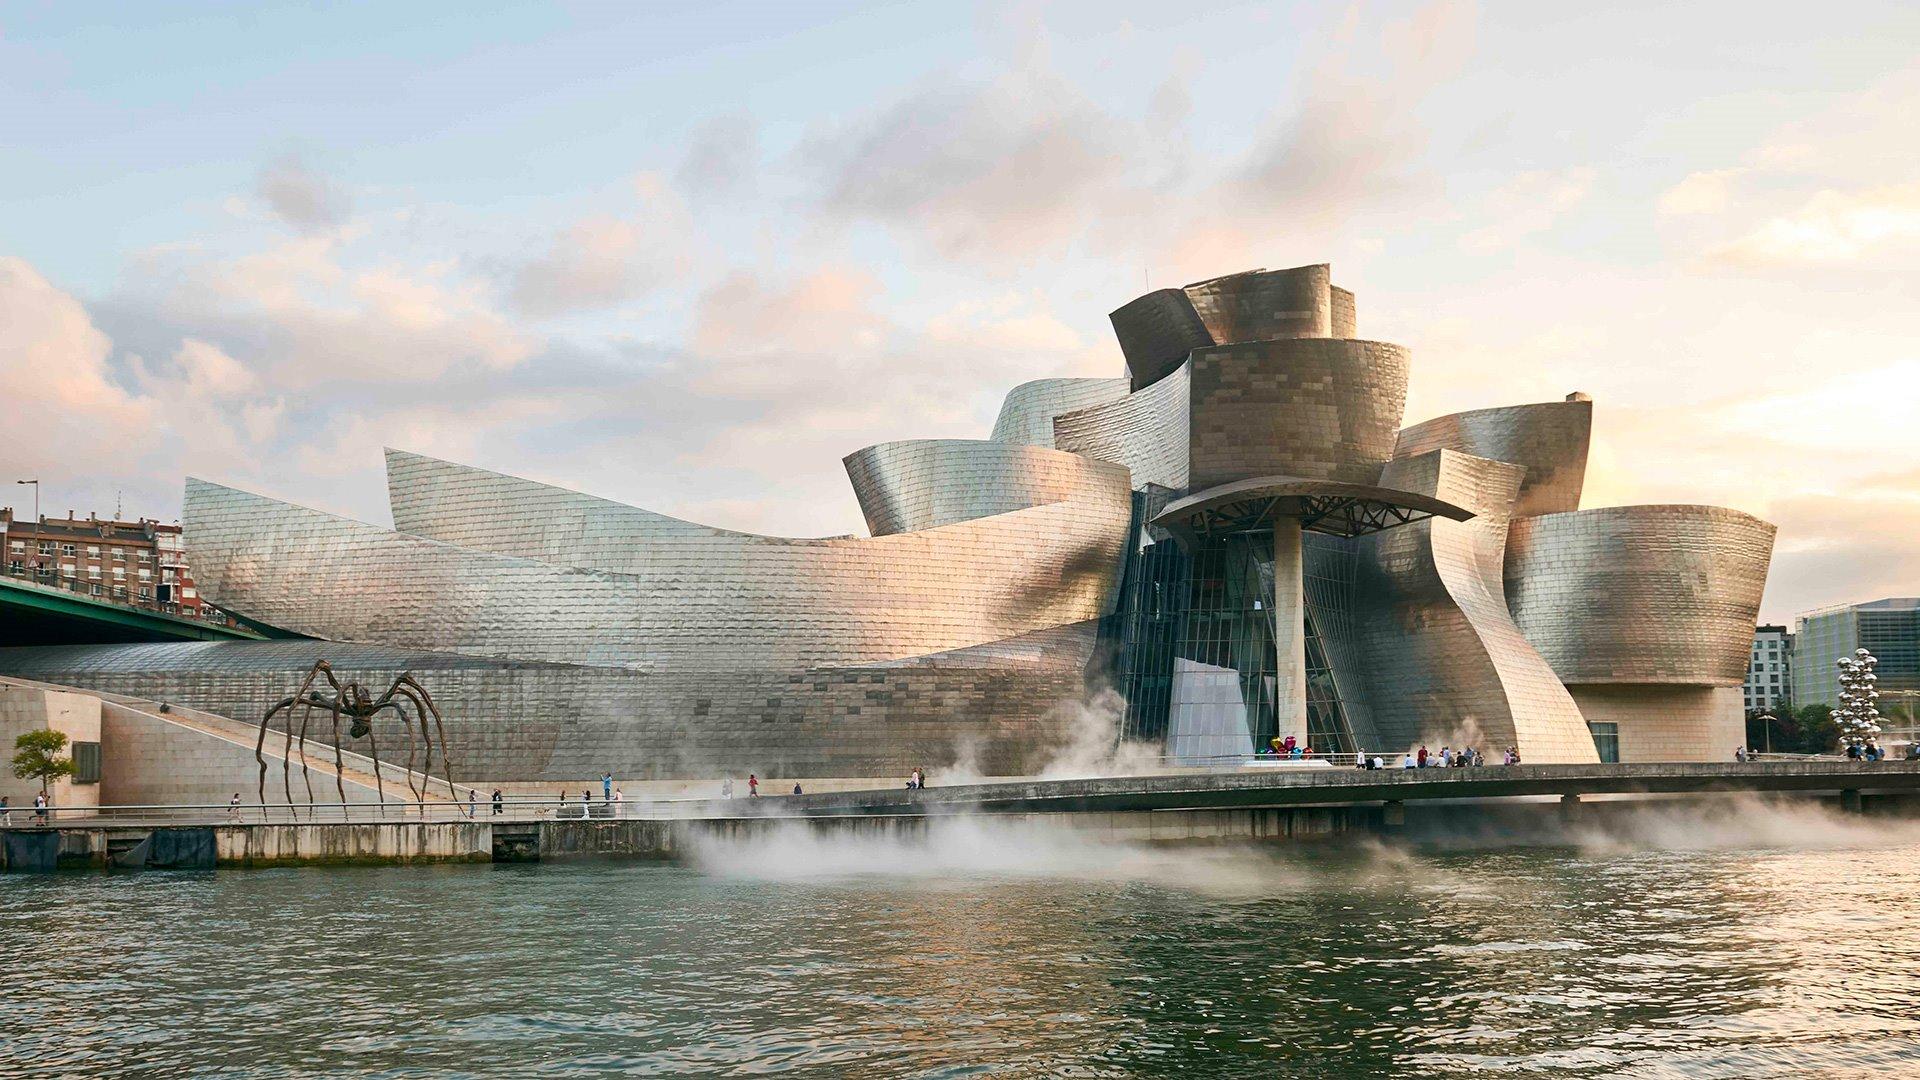 1997 Guggenheim